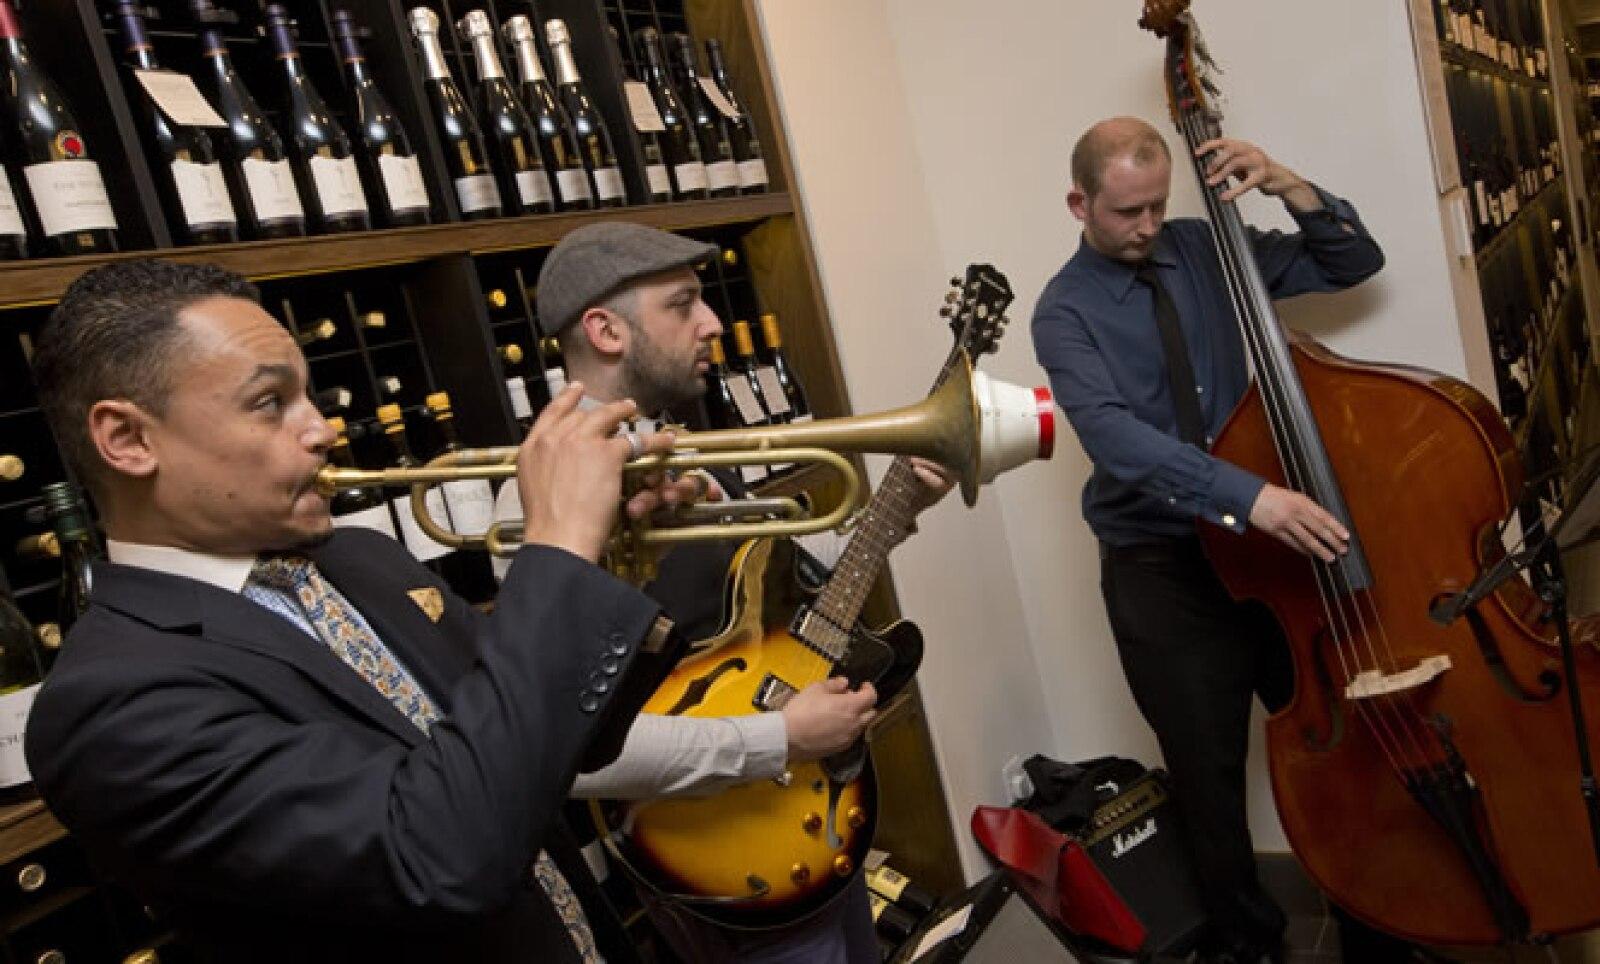 En Londres, la presentación para la prensa incluyó la presencia de una banda de Jazz.